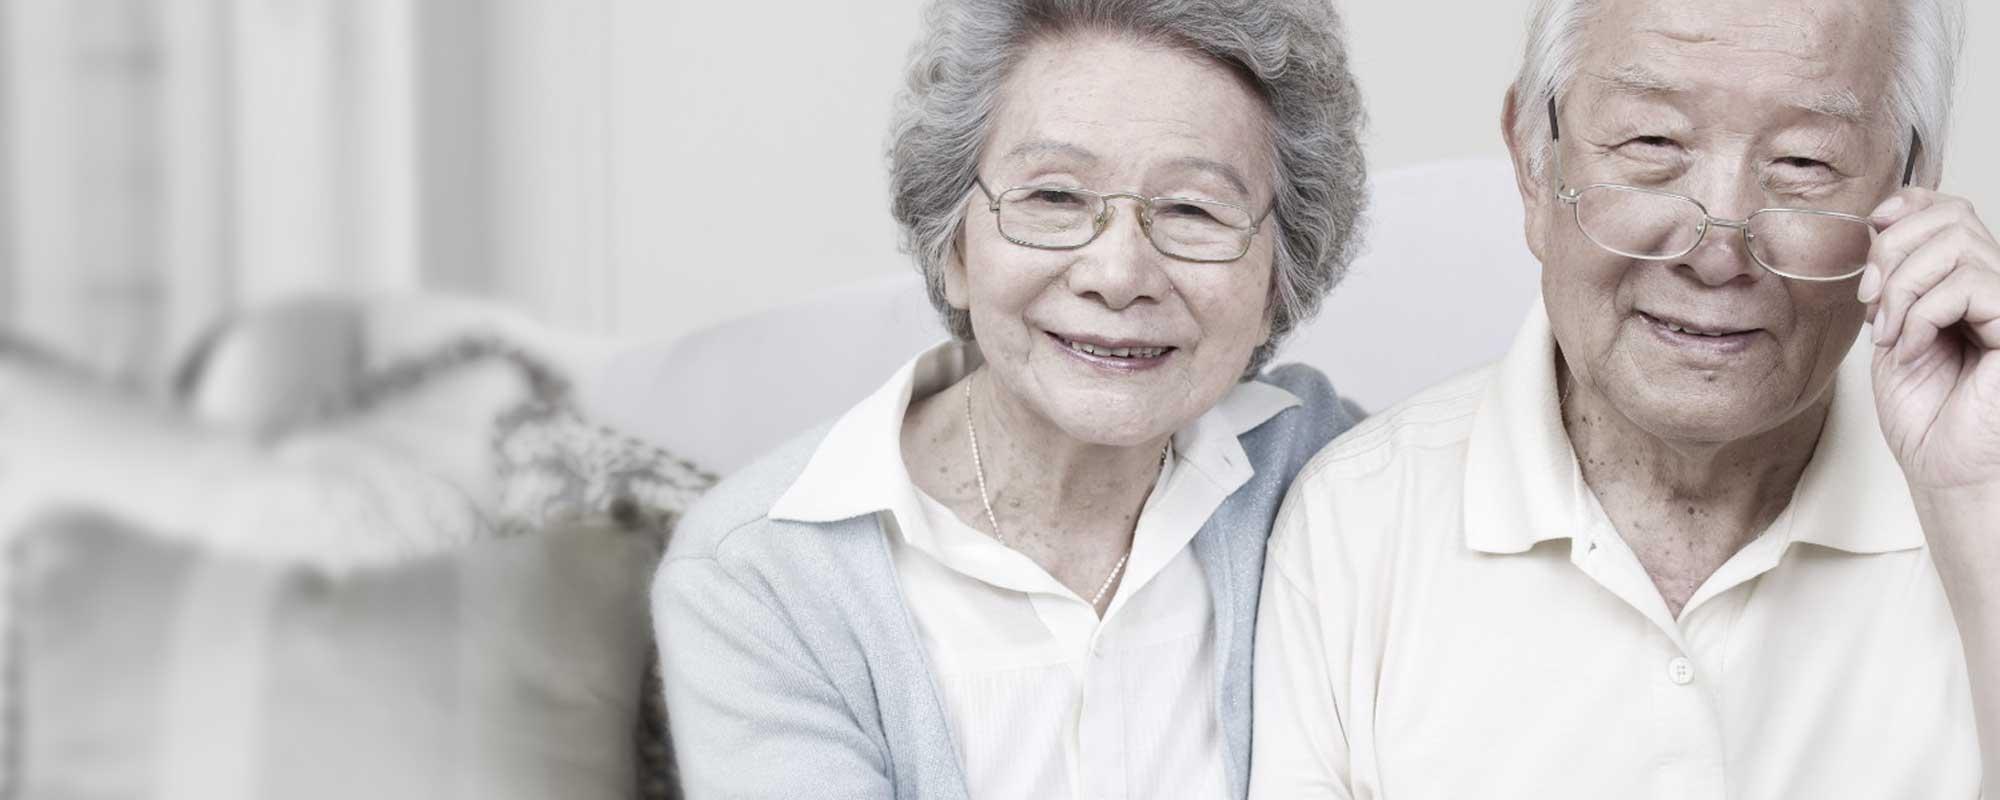 Каждый понедельник - «День пенсионера»!